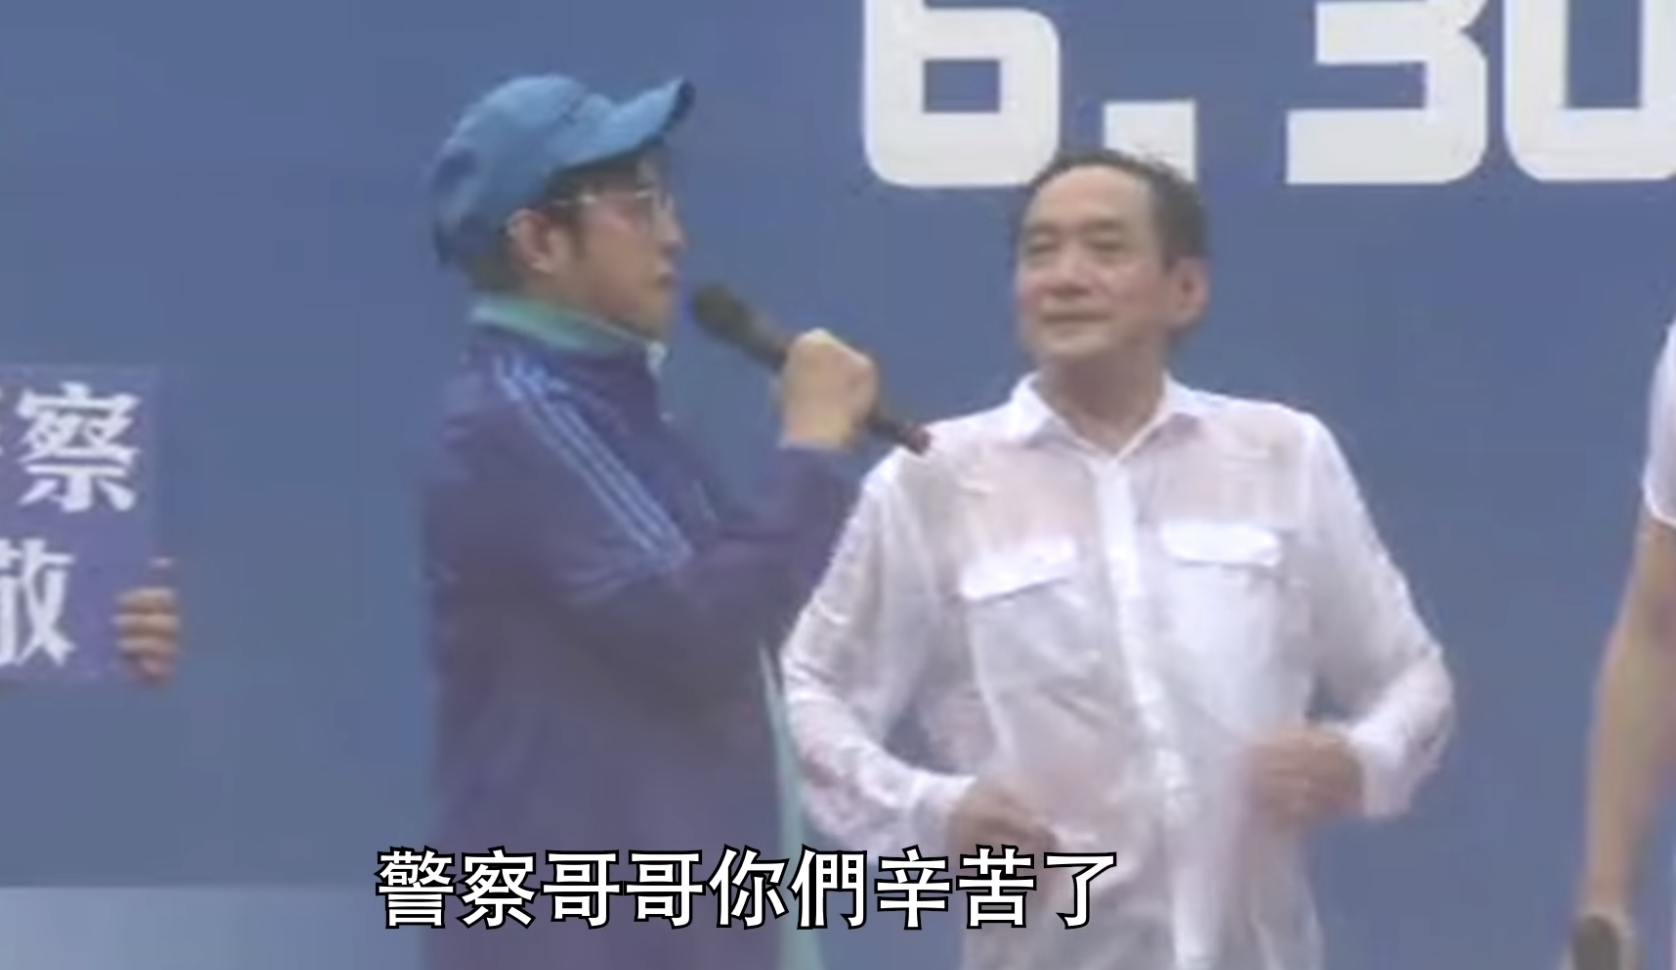 去年反送中運動中,譚詠麟高調出席撐警活動。(視頻截圖)